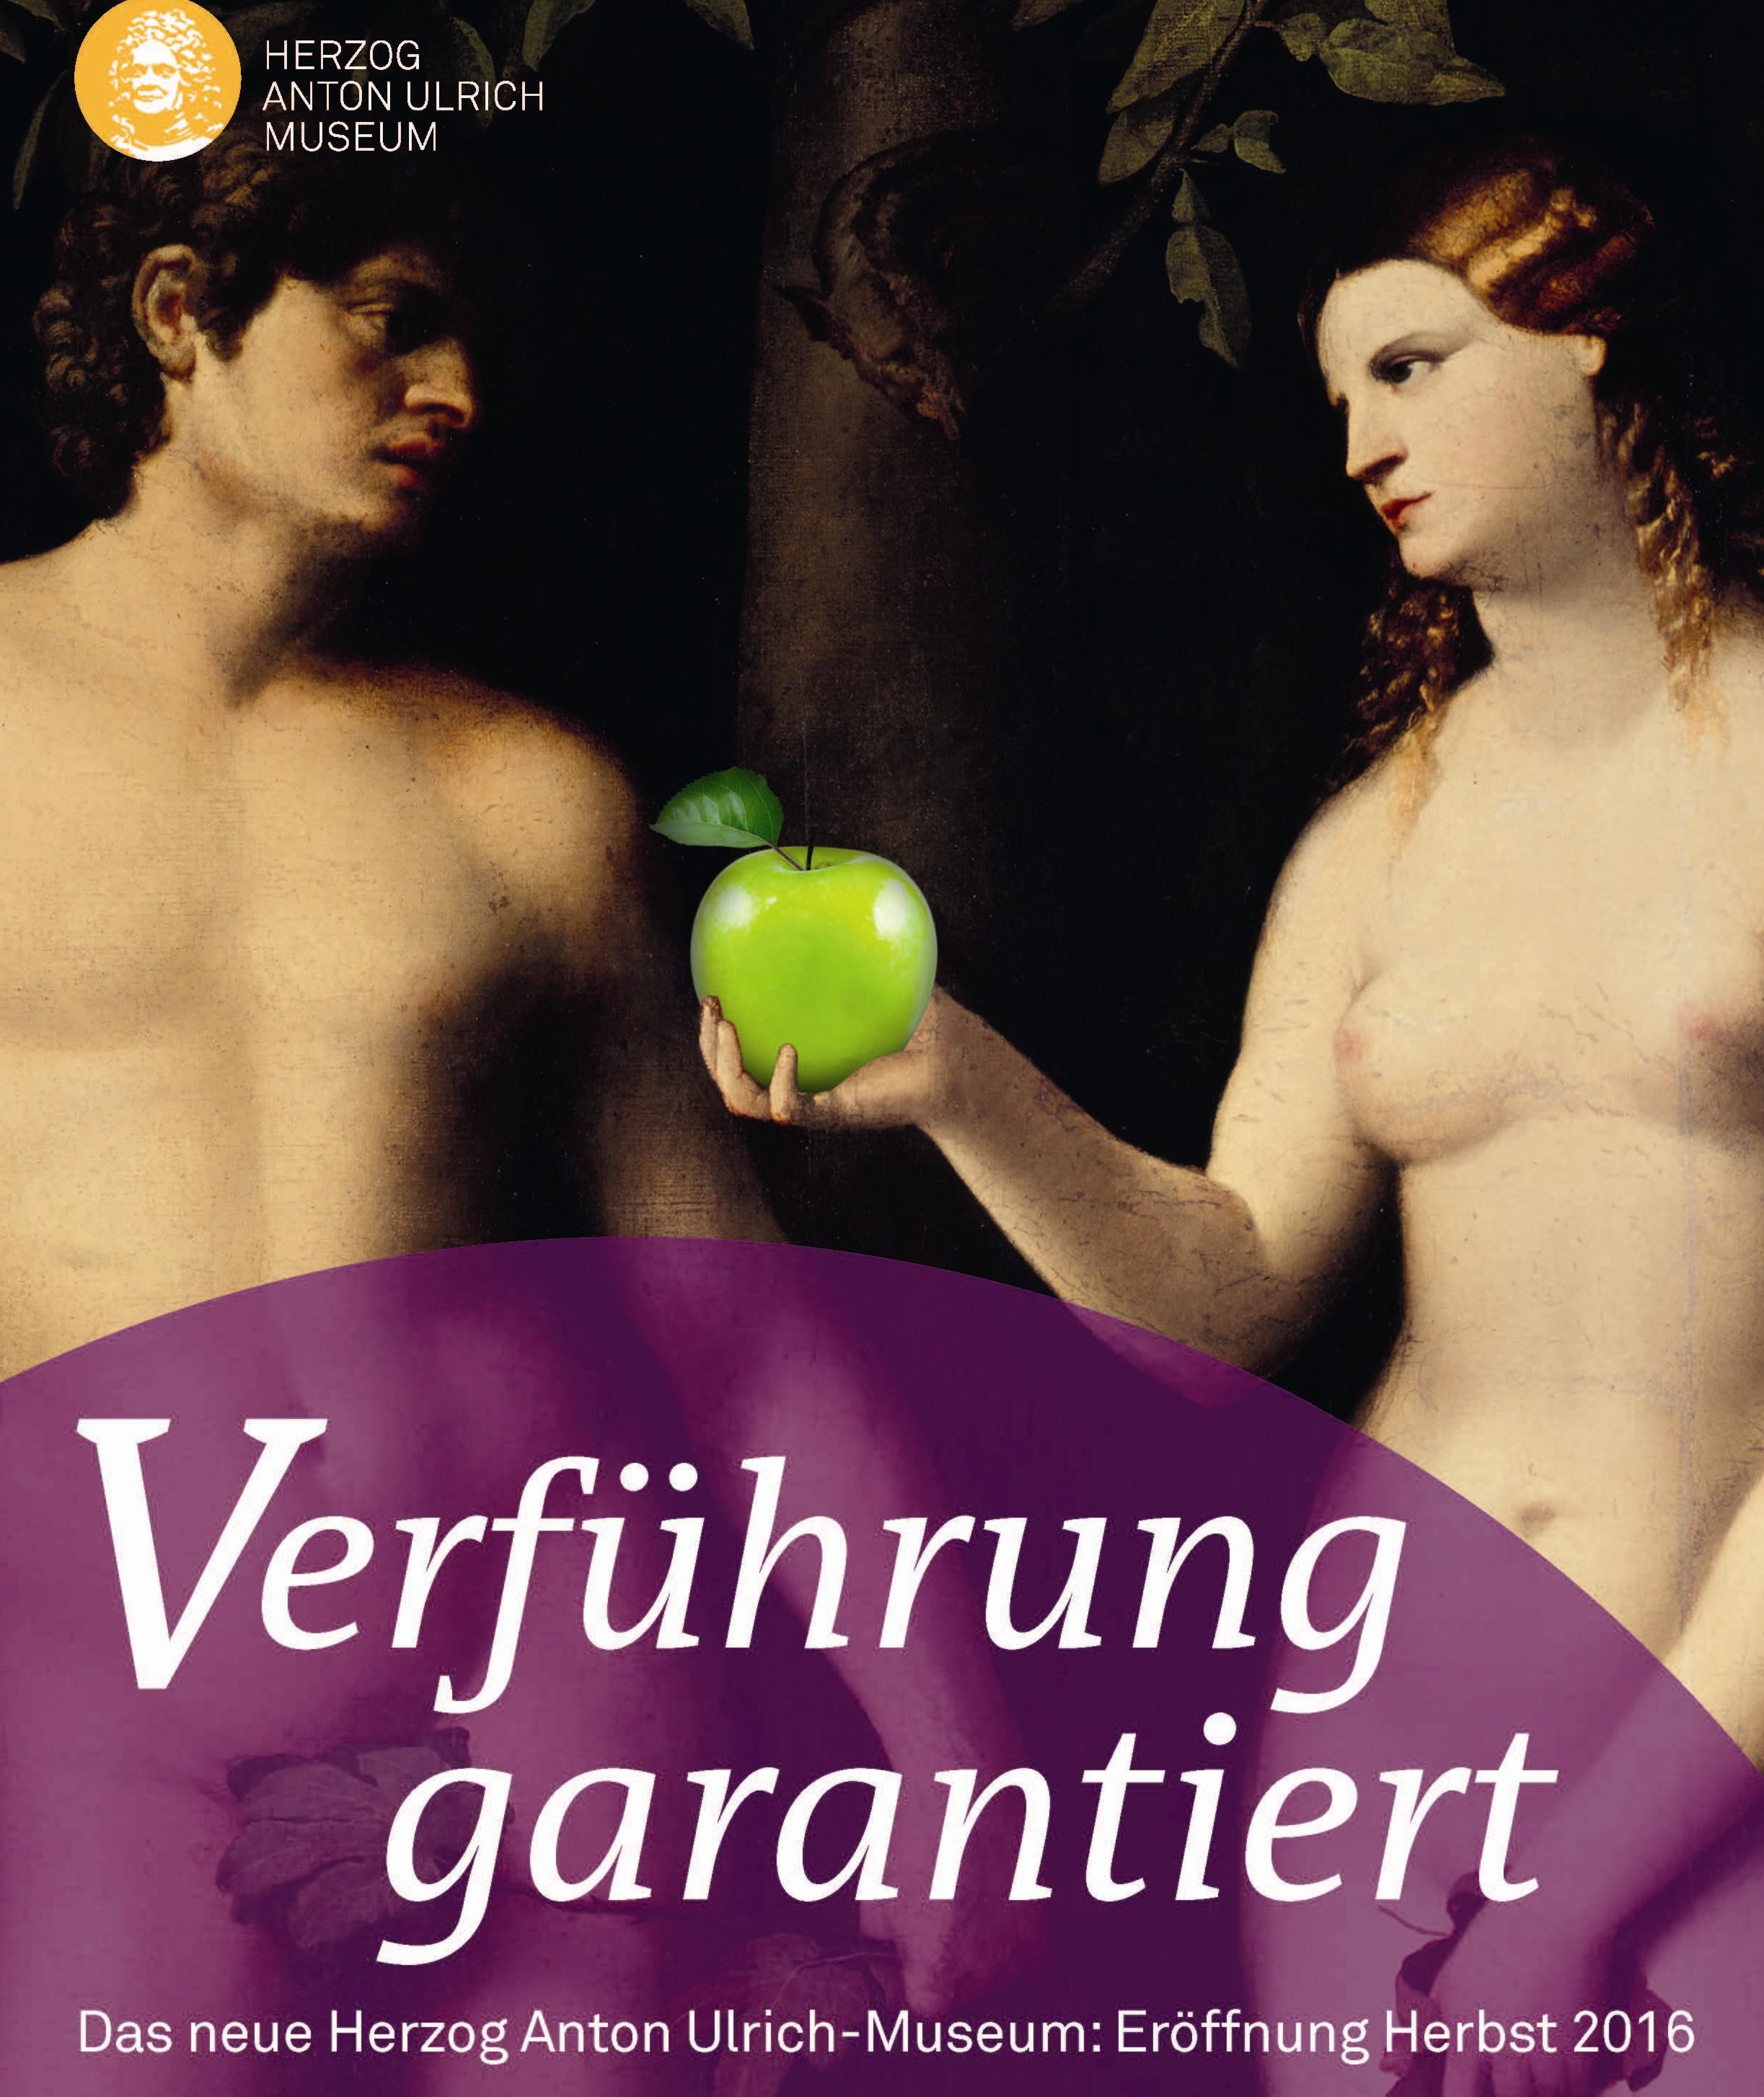 [lokal] Eine Woche lang Freier Eintritt im Herzog Anton Ulrich-Museum in Braunschweig